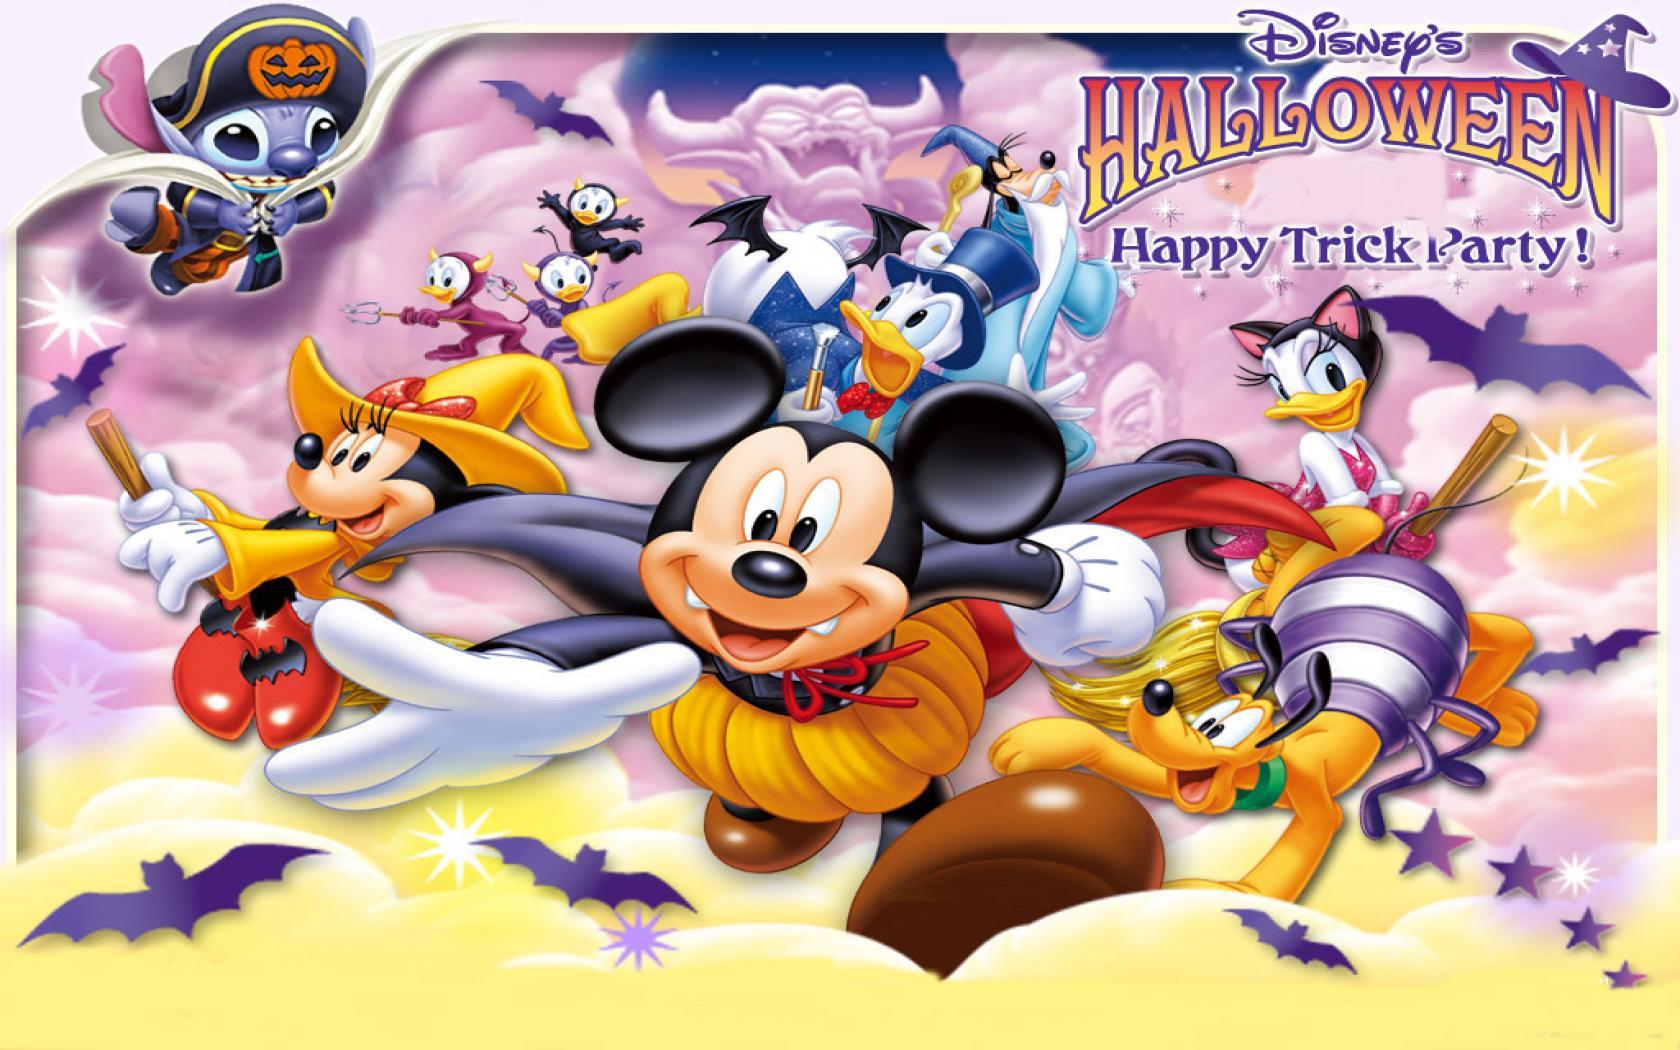 Cute Disney Halloween Backgrounds wallpaper wallpaper hd 1680x1050